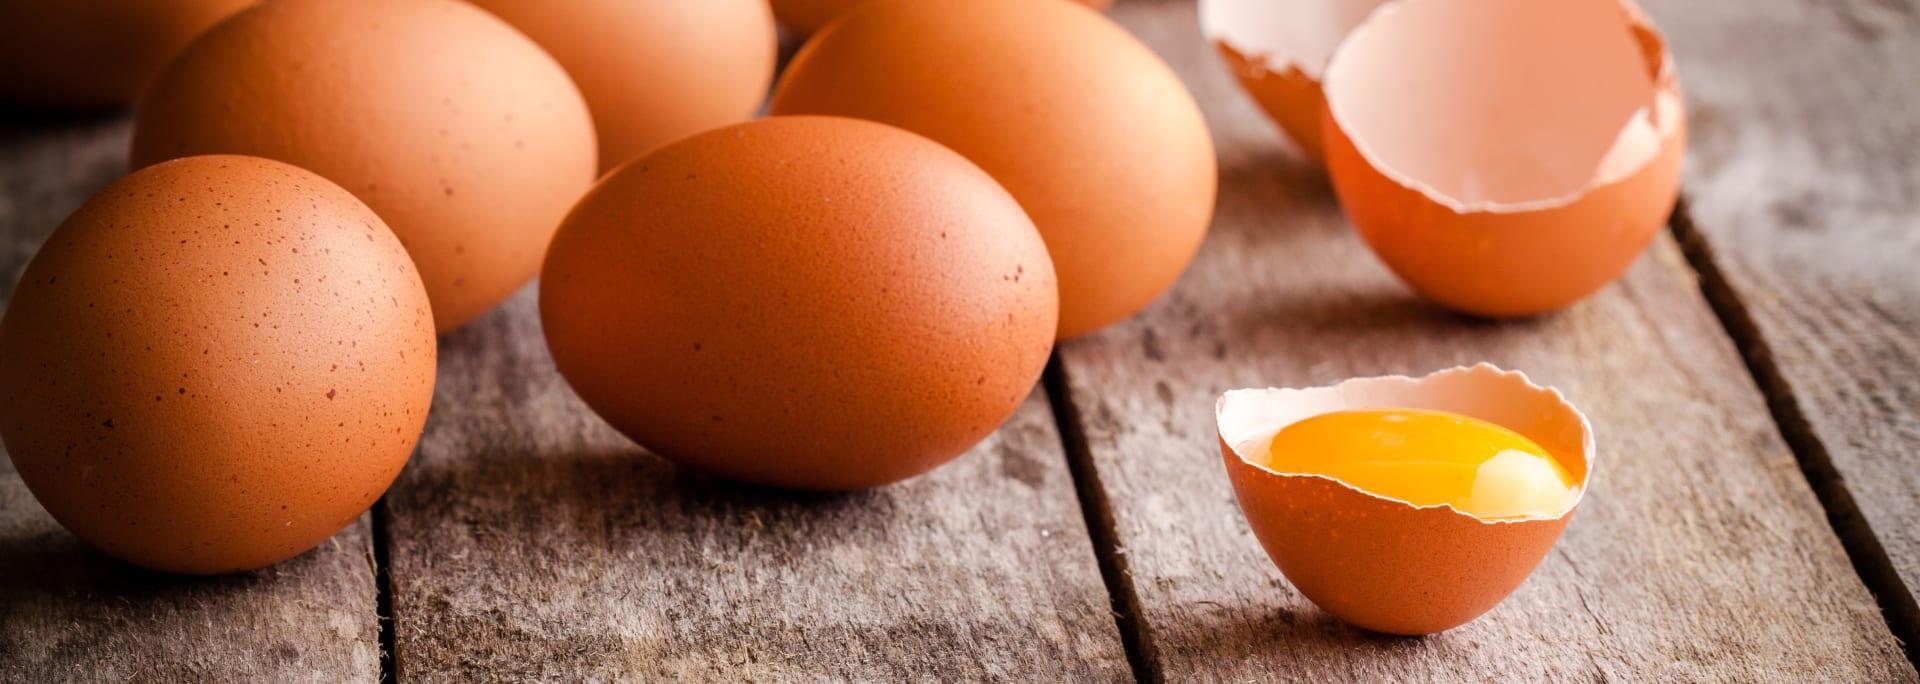 la introducción del huevo